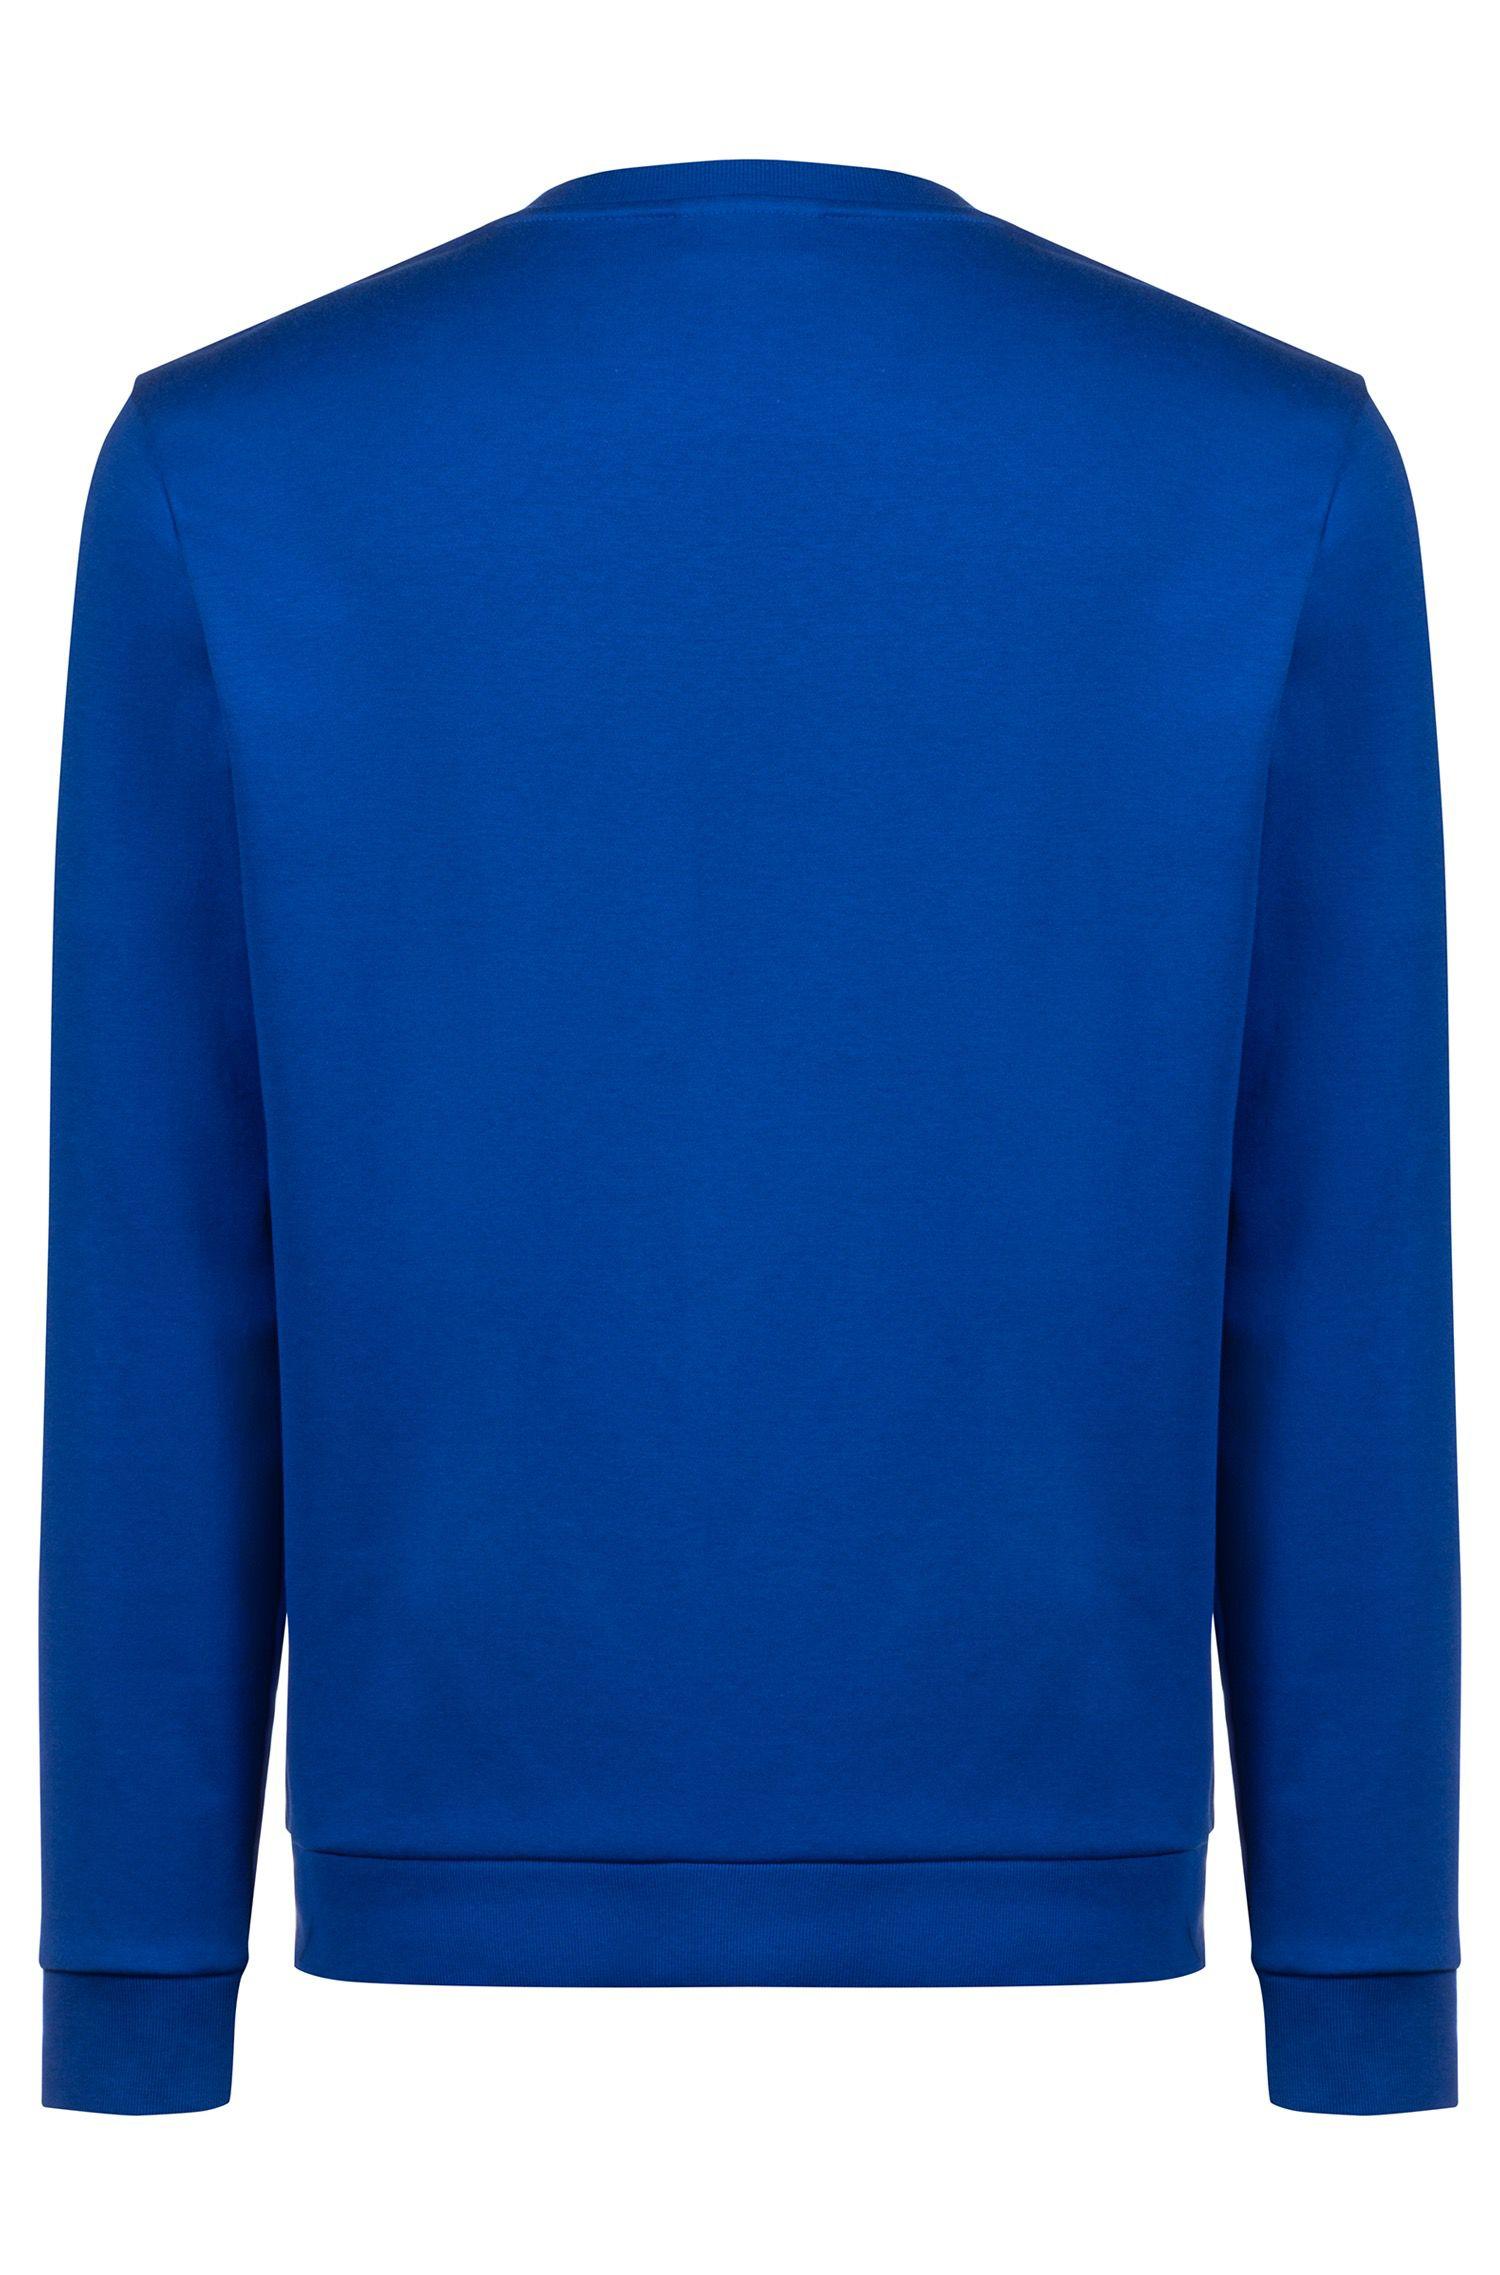 Sudadera con logo invertido en algodón interlock, Azul